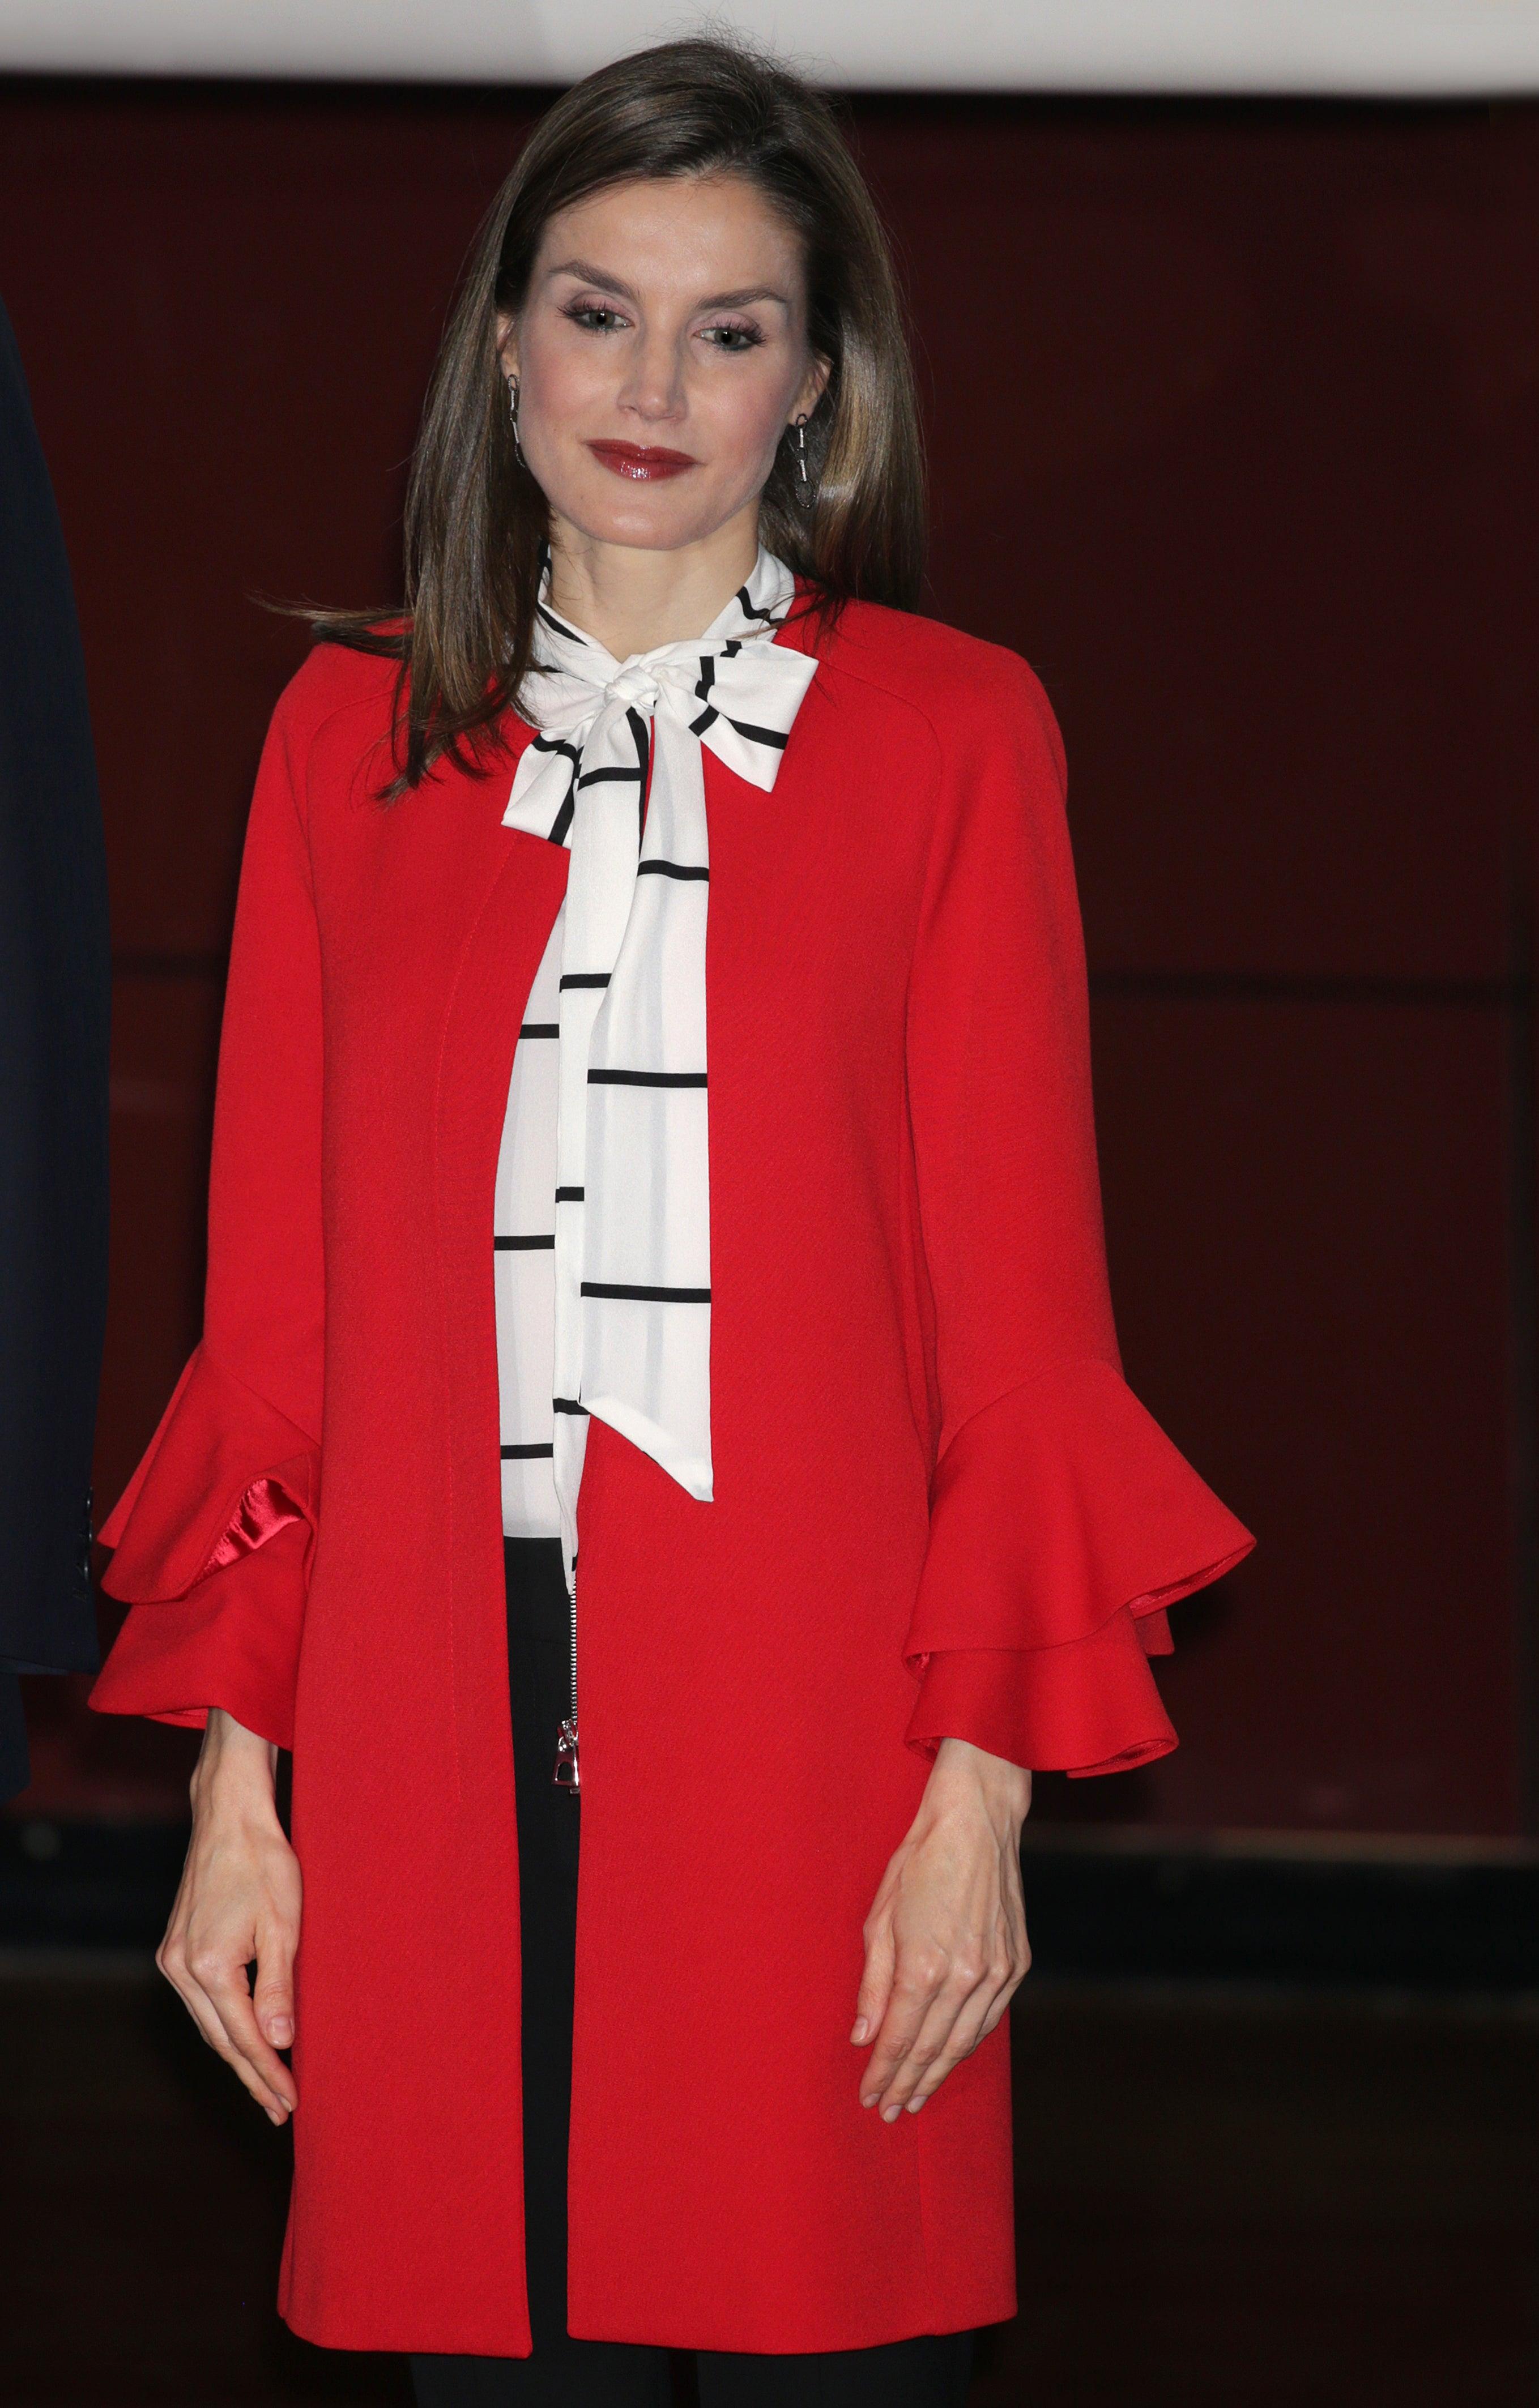 Abrigo rojo de zara reina letizia